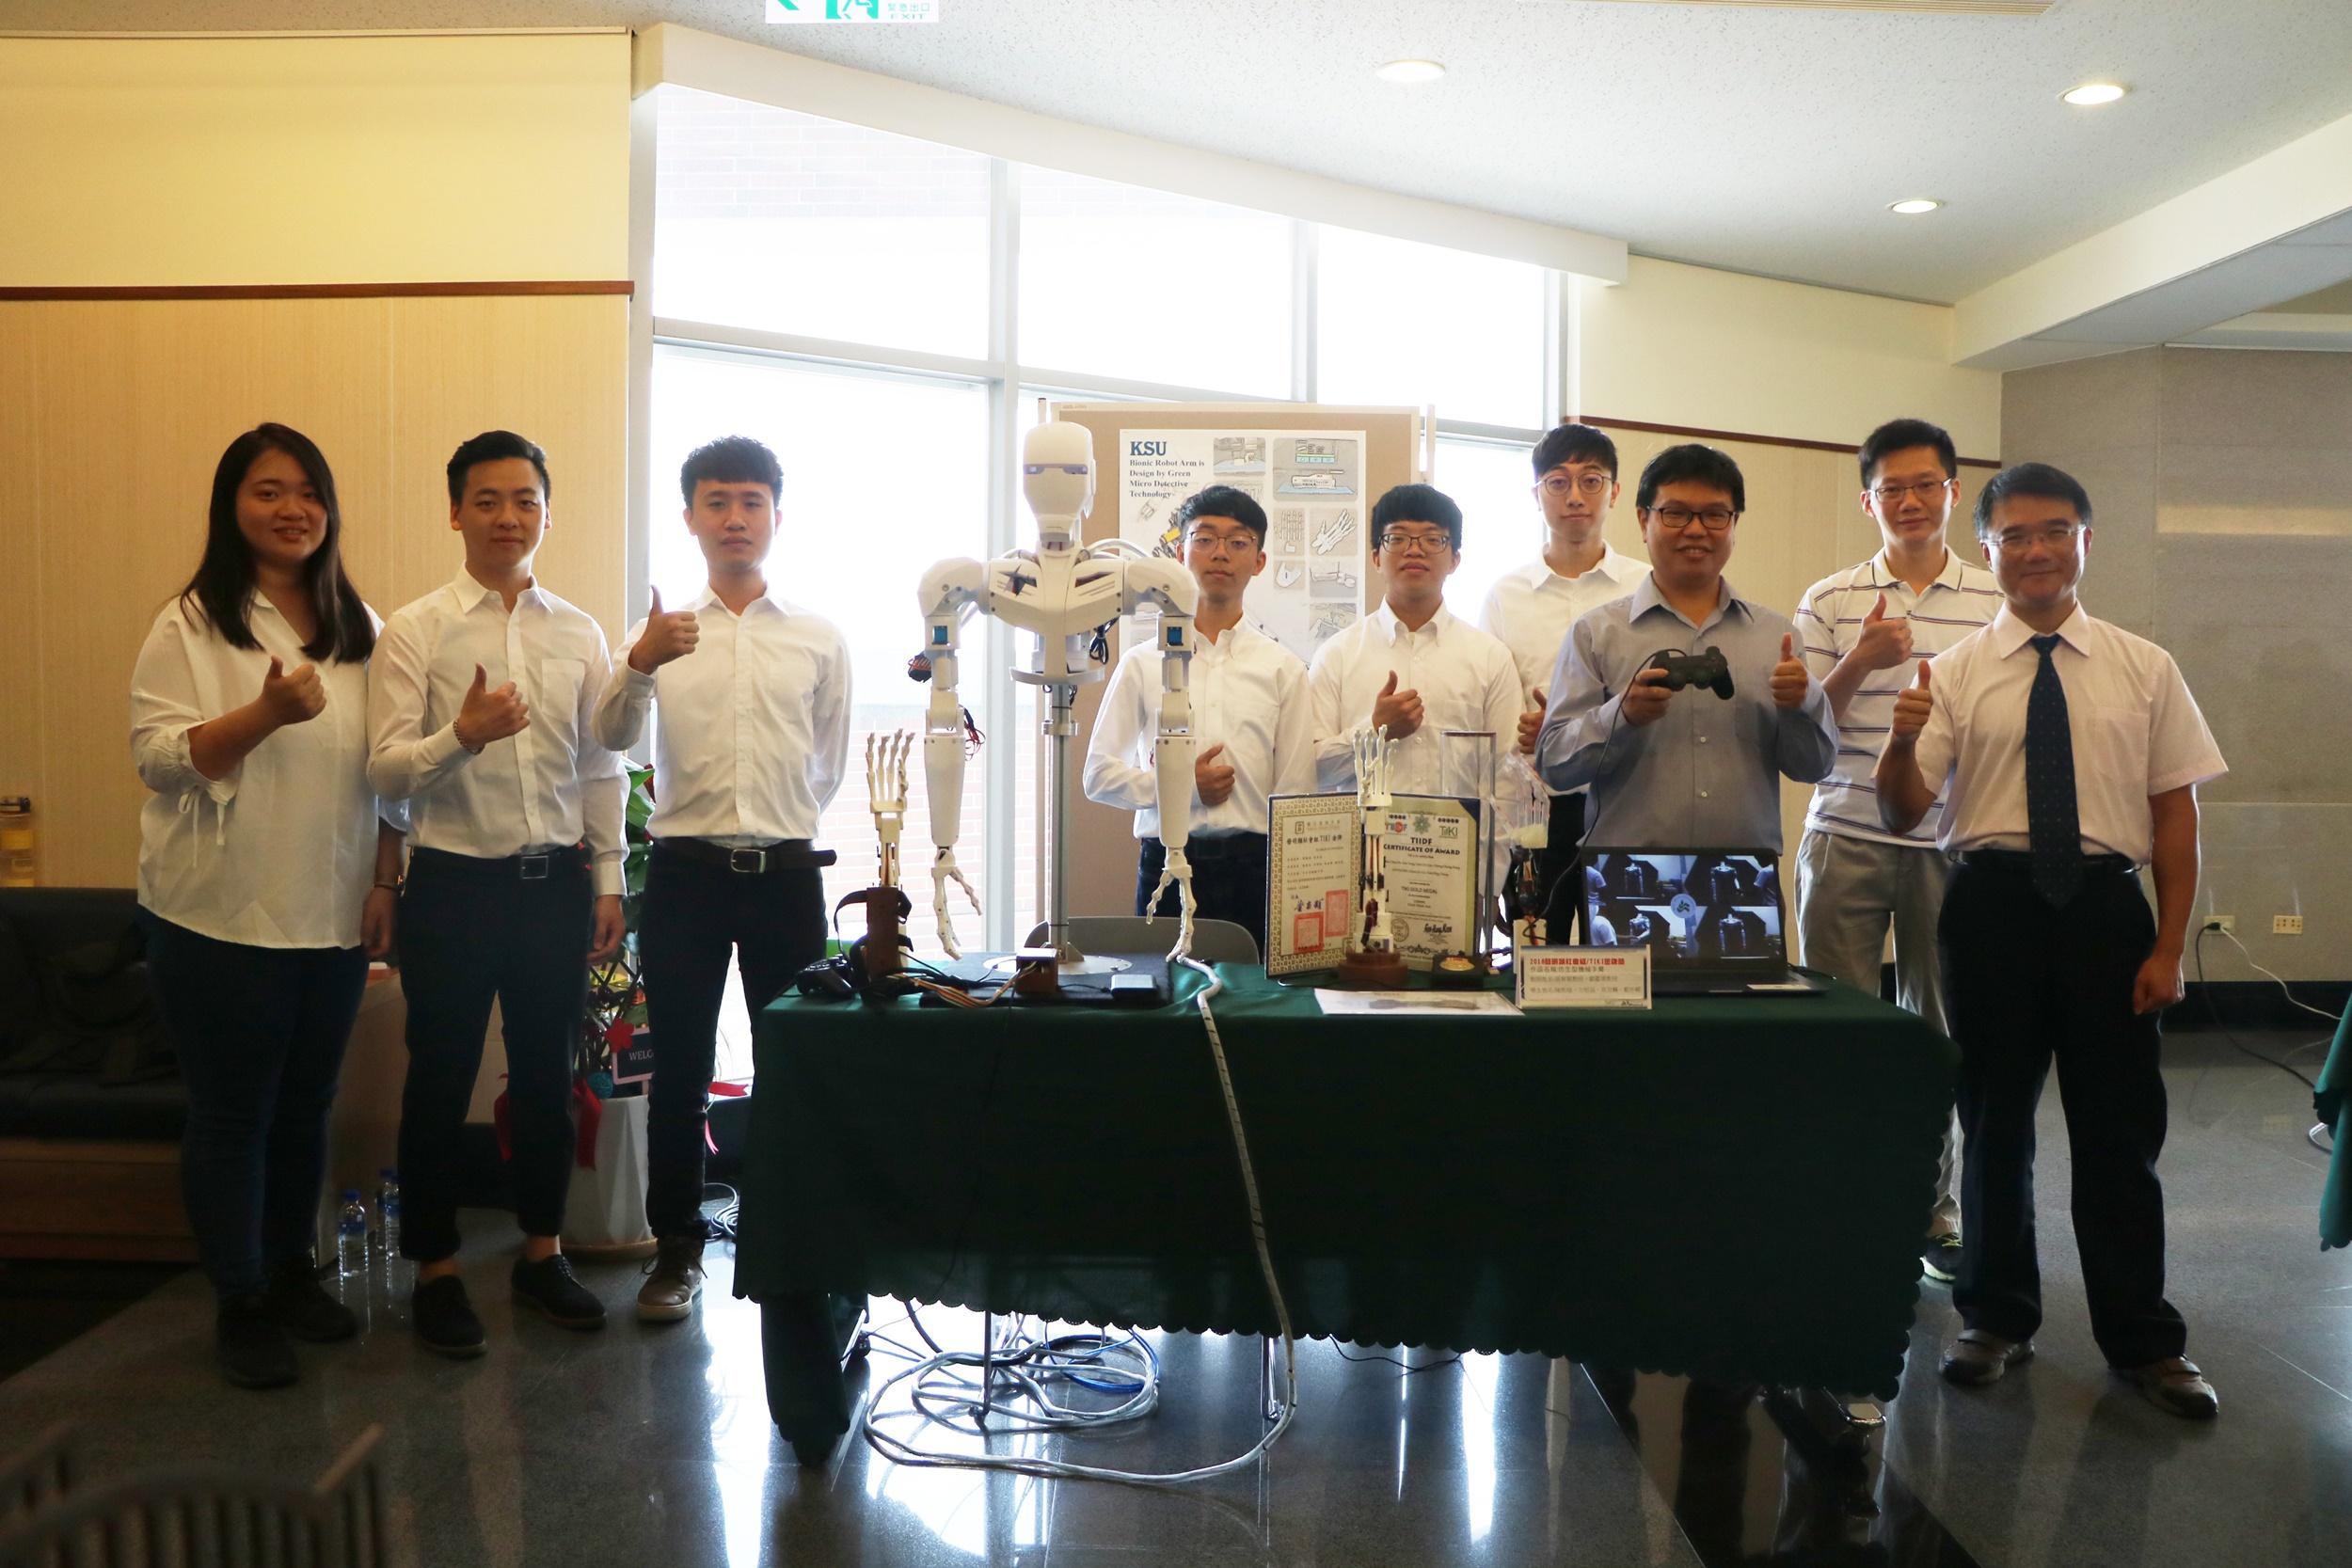 第七屆臺灣國際創新發明暨設計競賽登場 發明類青少年組百隊免費參賽-校園大小事